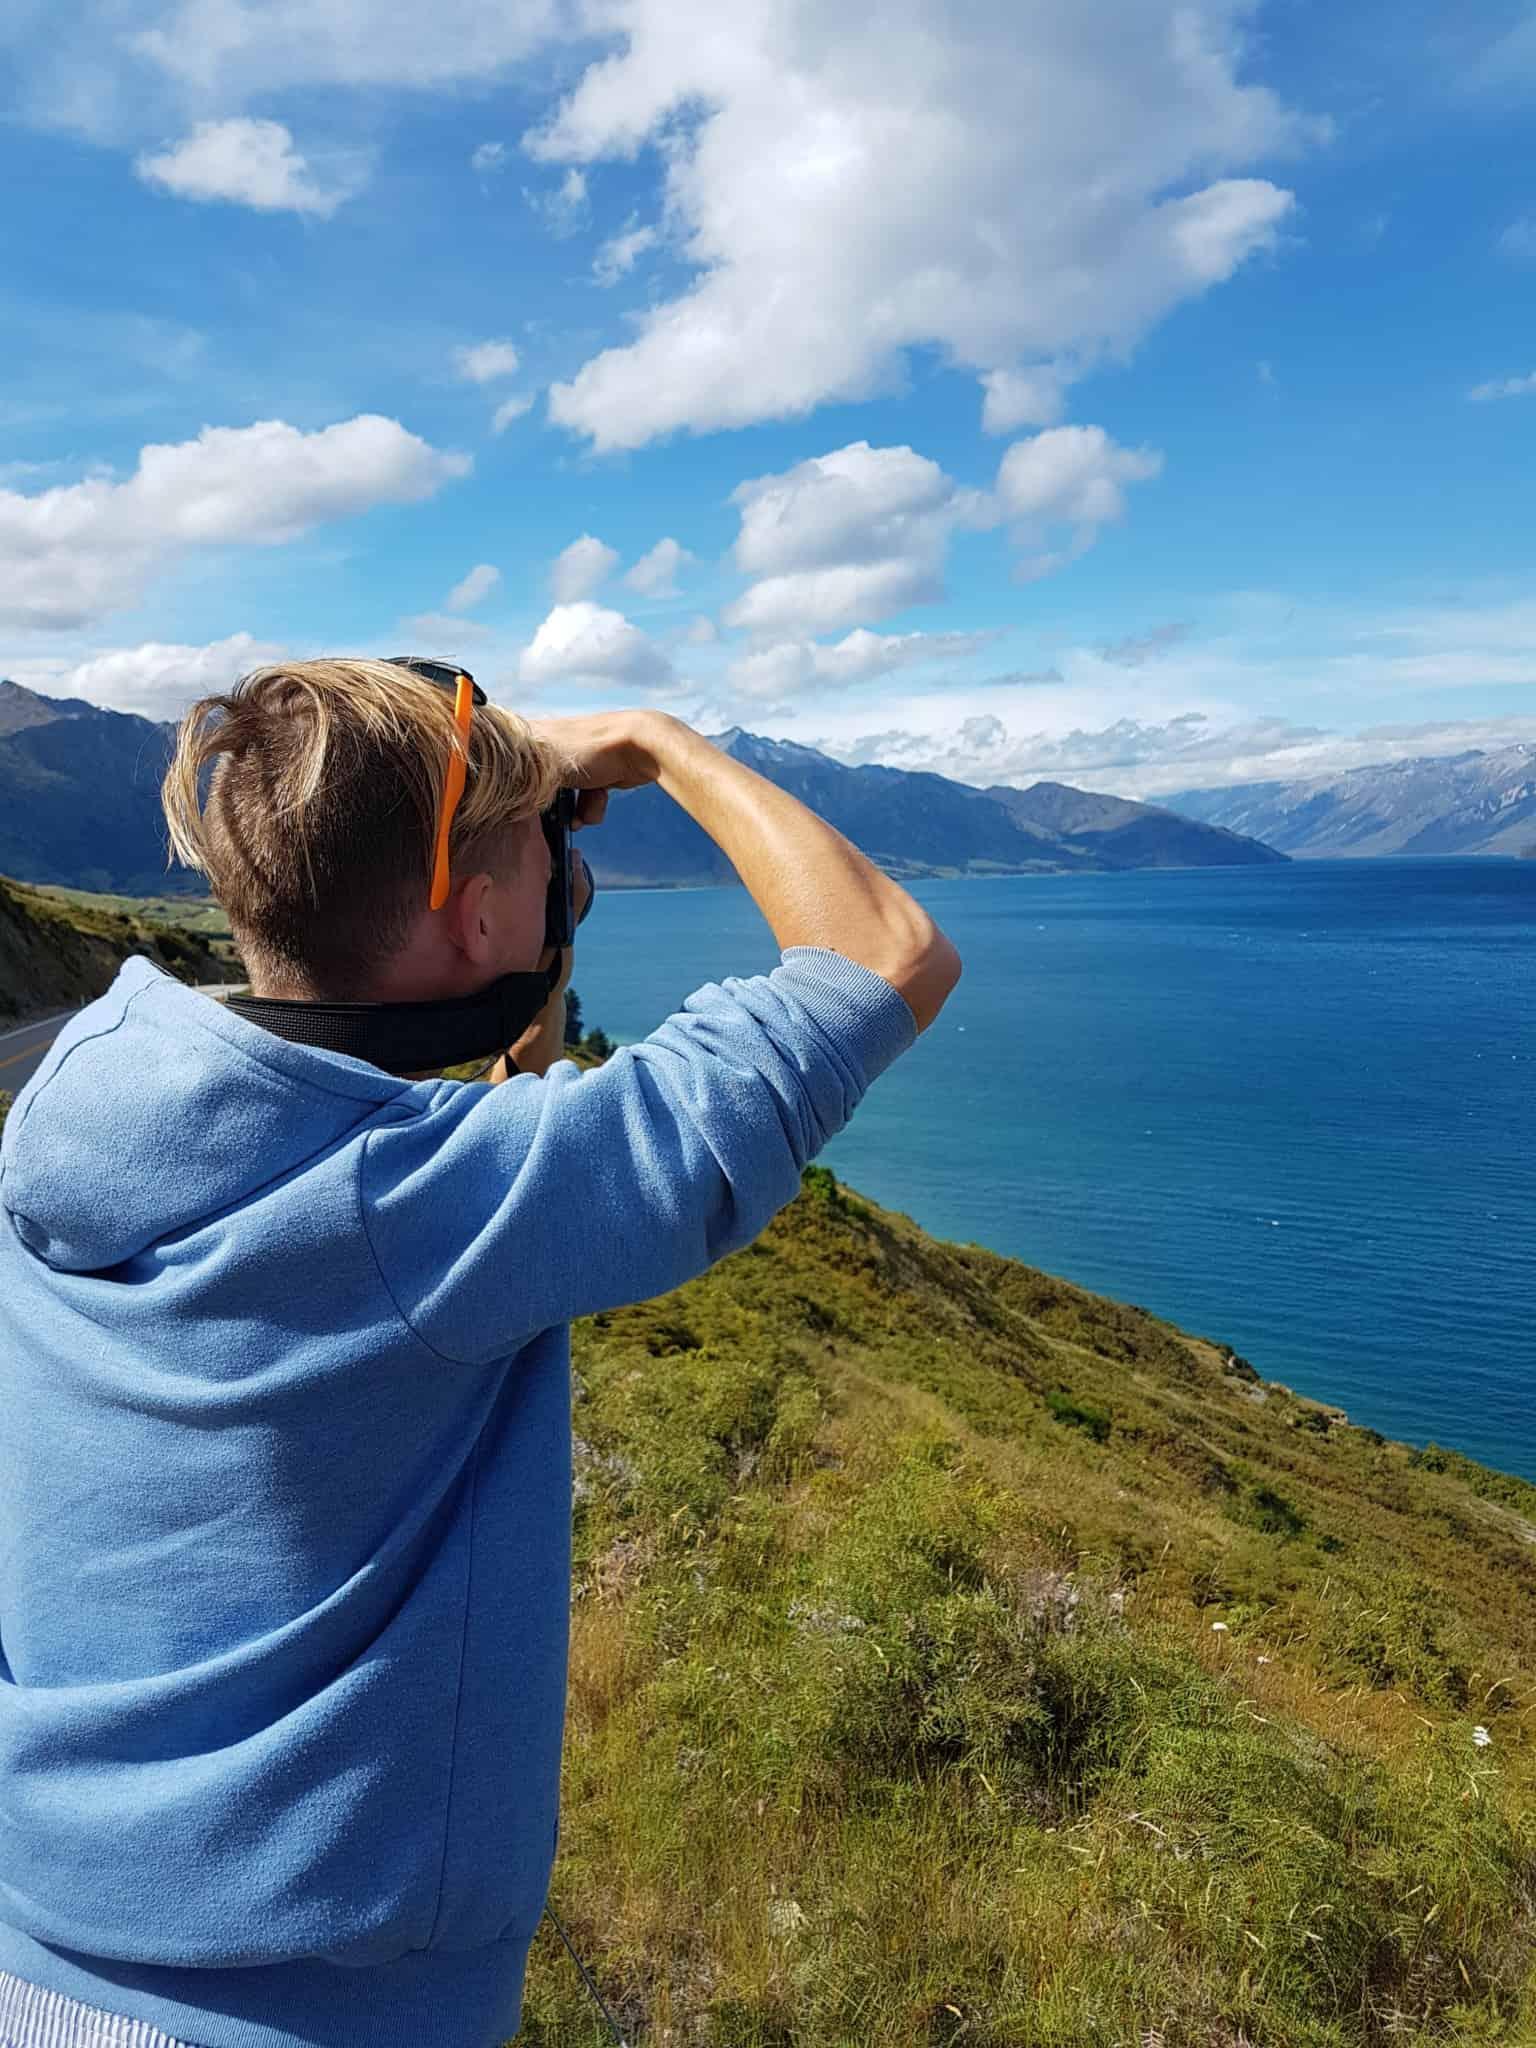 Nouvelle-Zélande, la sublime route de Wanaka entre lacs et montagnes 😍 22